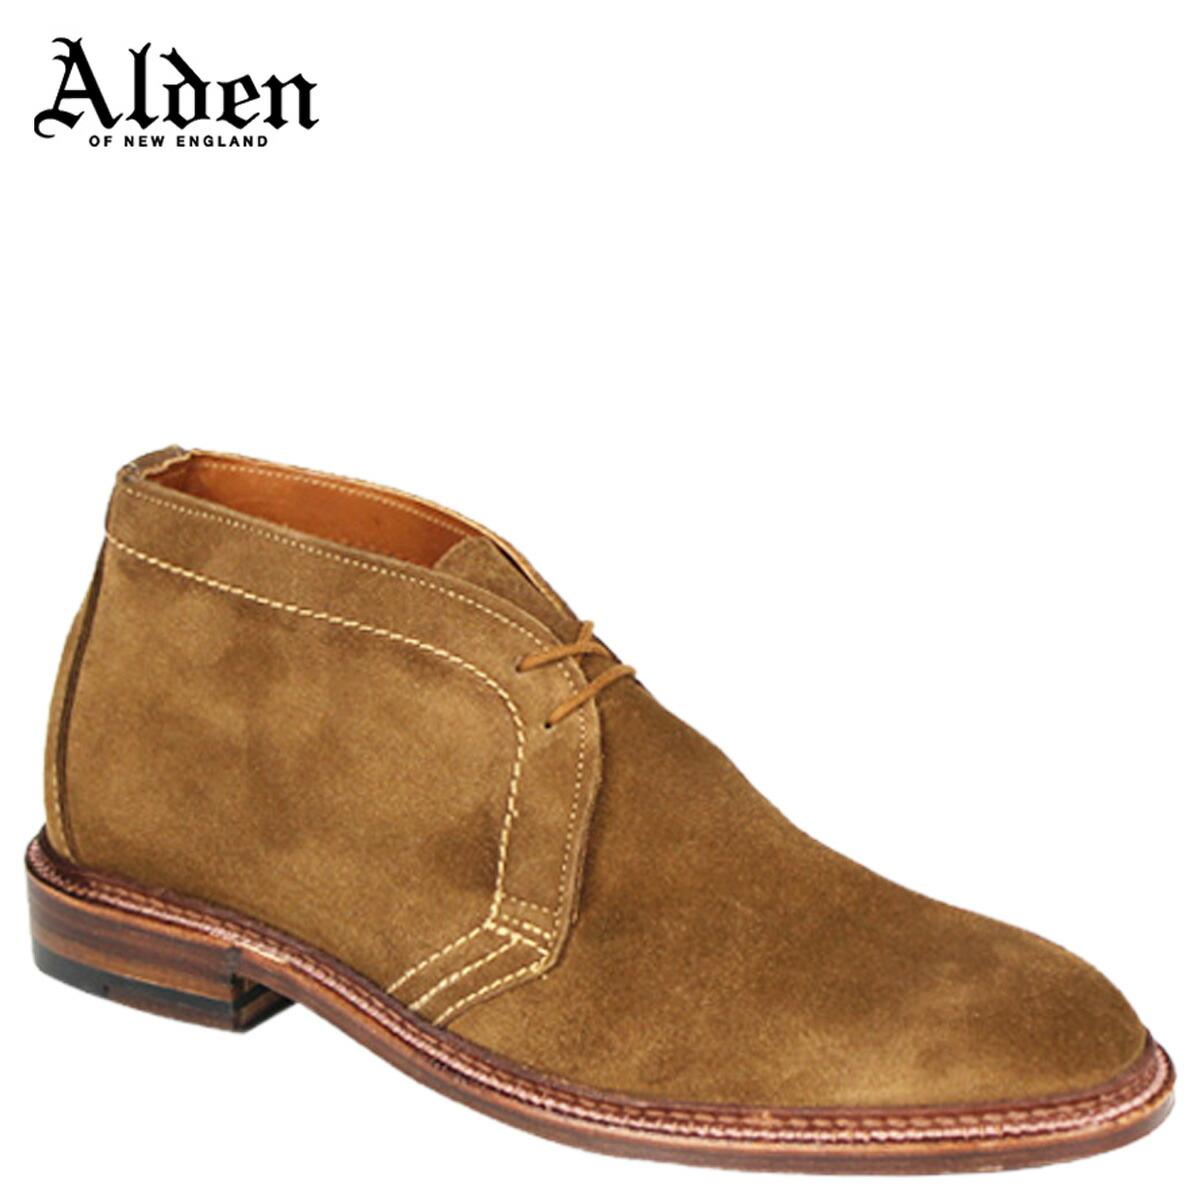 Sneak Online Shop Alden Alden Unlined Chukka Boot Unlined